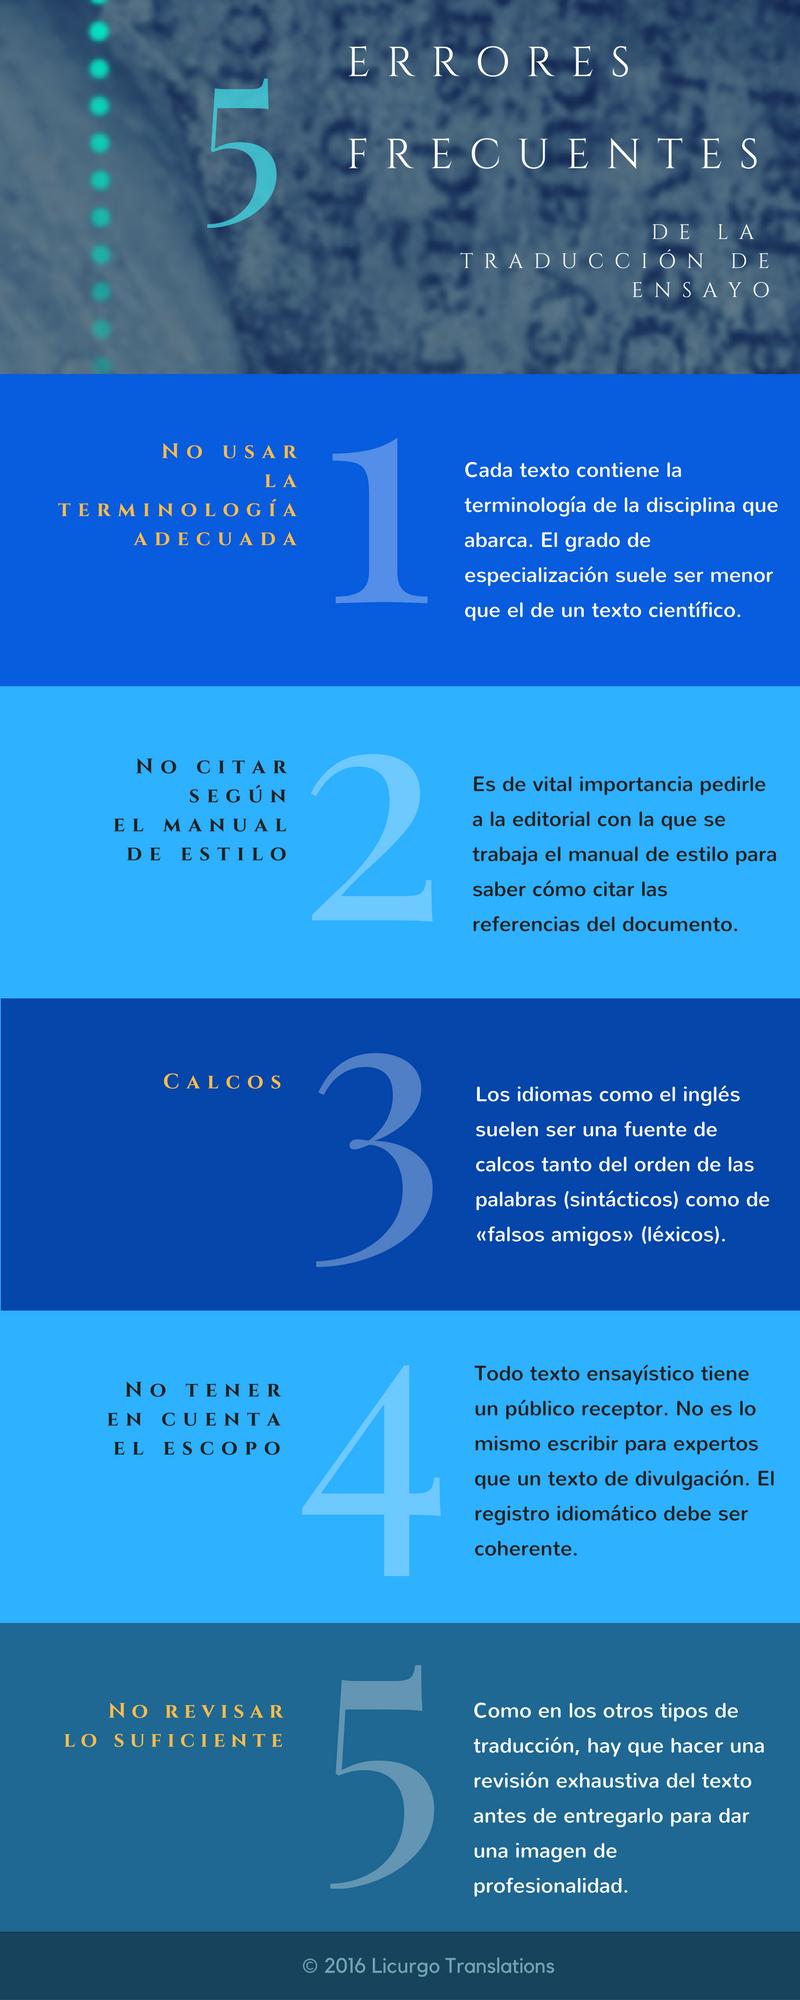 5 errores frecuentes de la traducción de ensayo